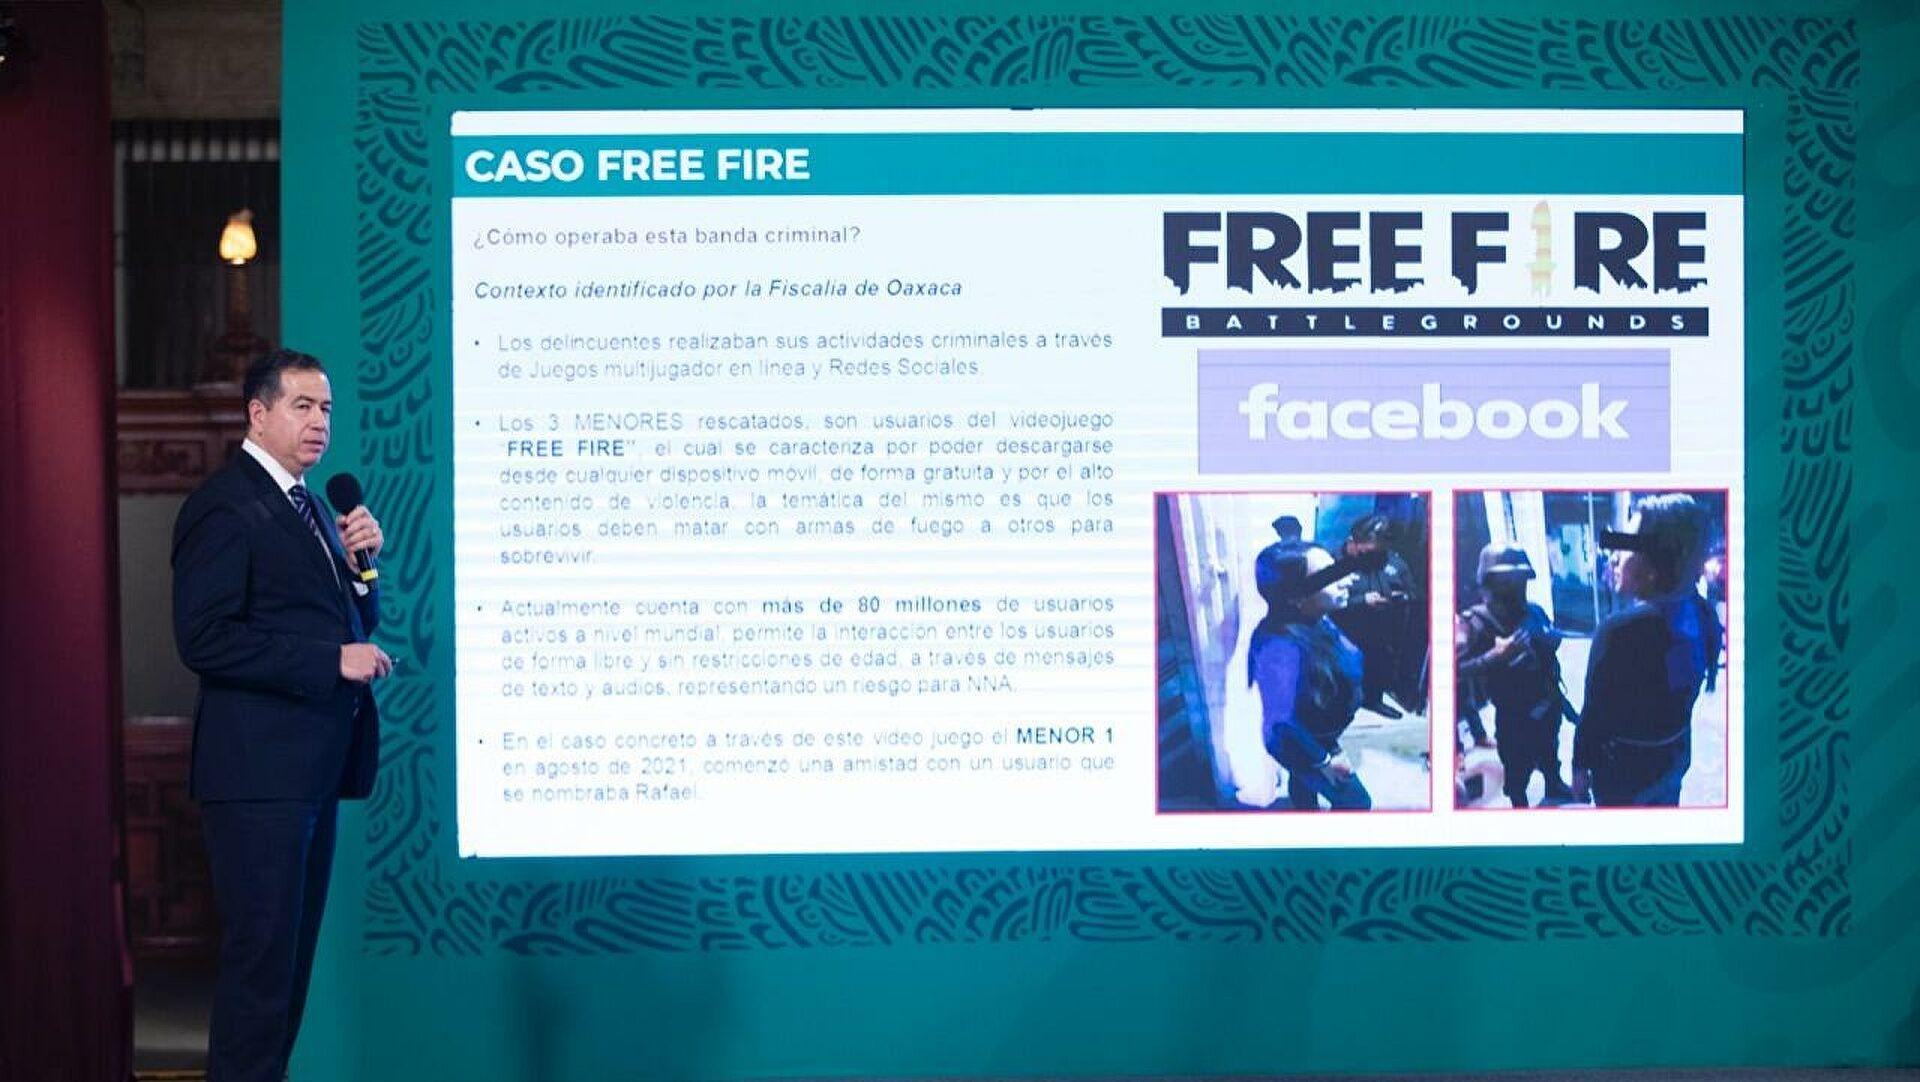 Free Fire y...¿ El crimen organizado?